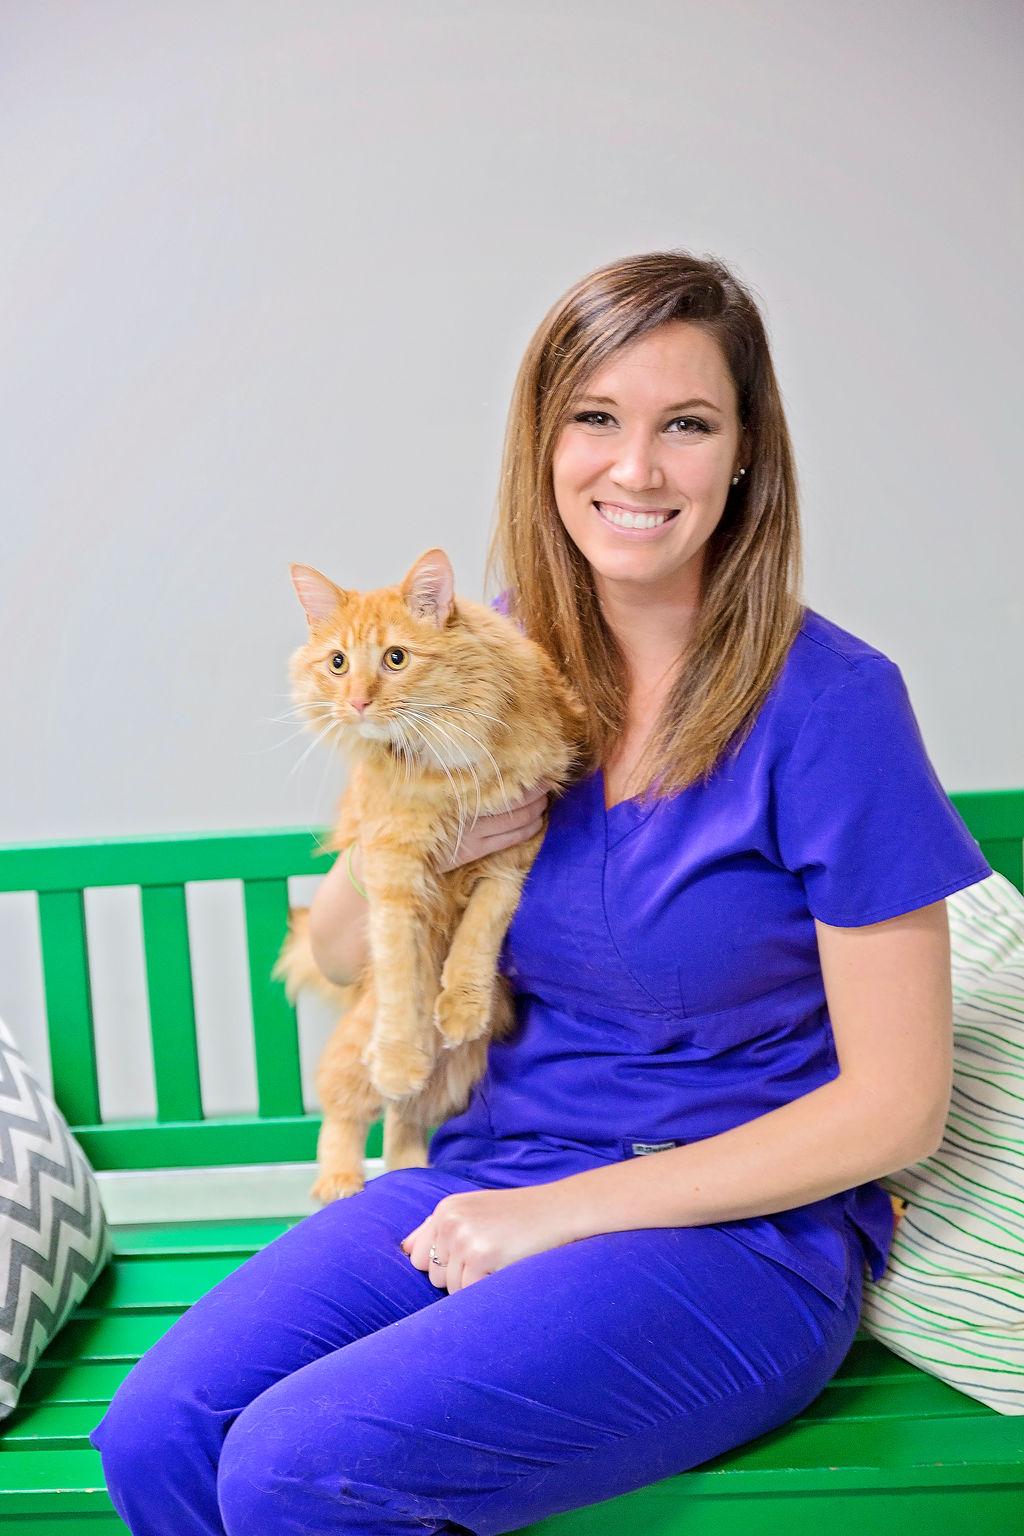 Lauren Buetter, R.V.T. - Registered Veterinary Technician